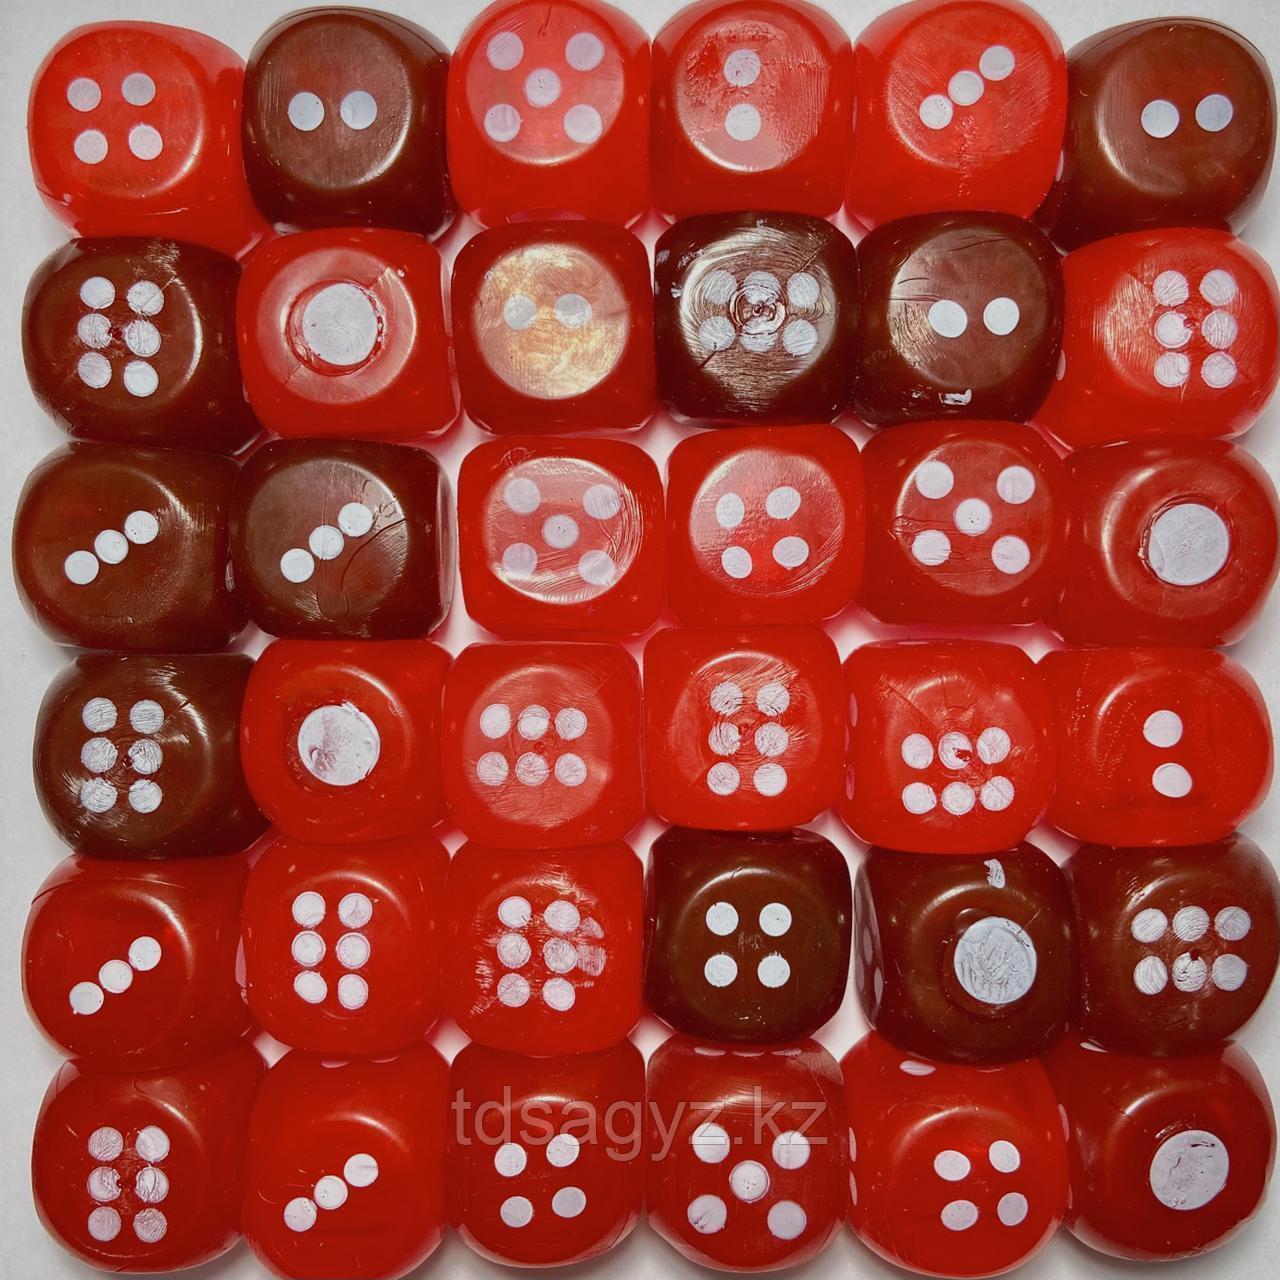 Кубики-прыгуны 34 мм